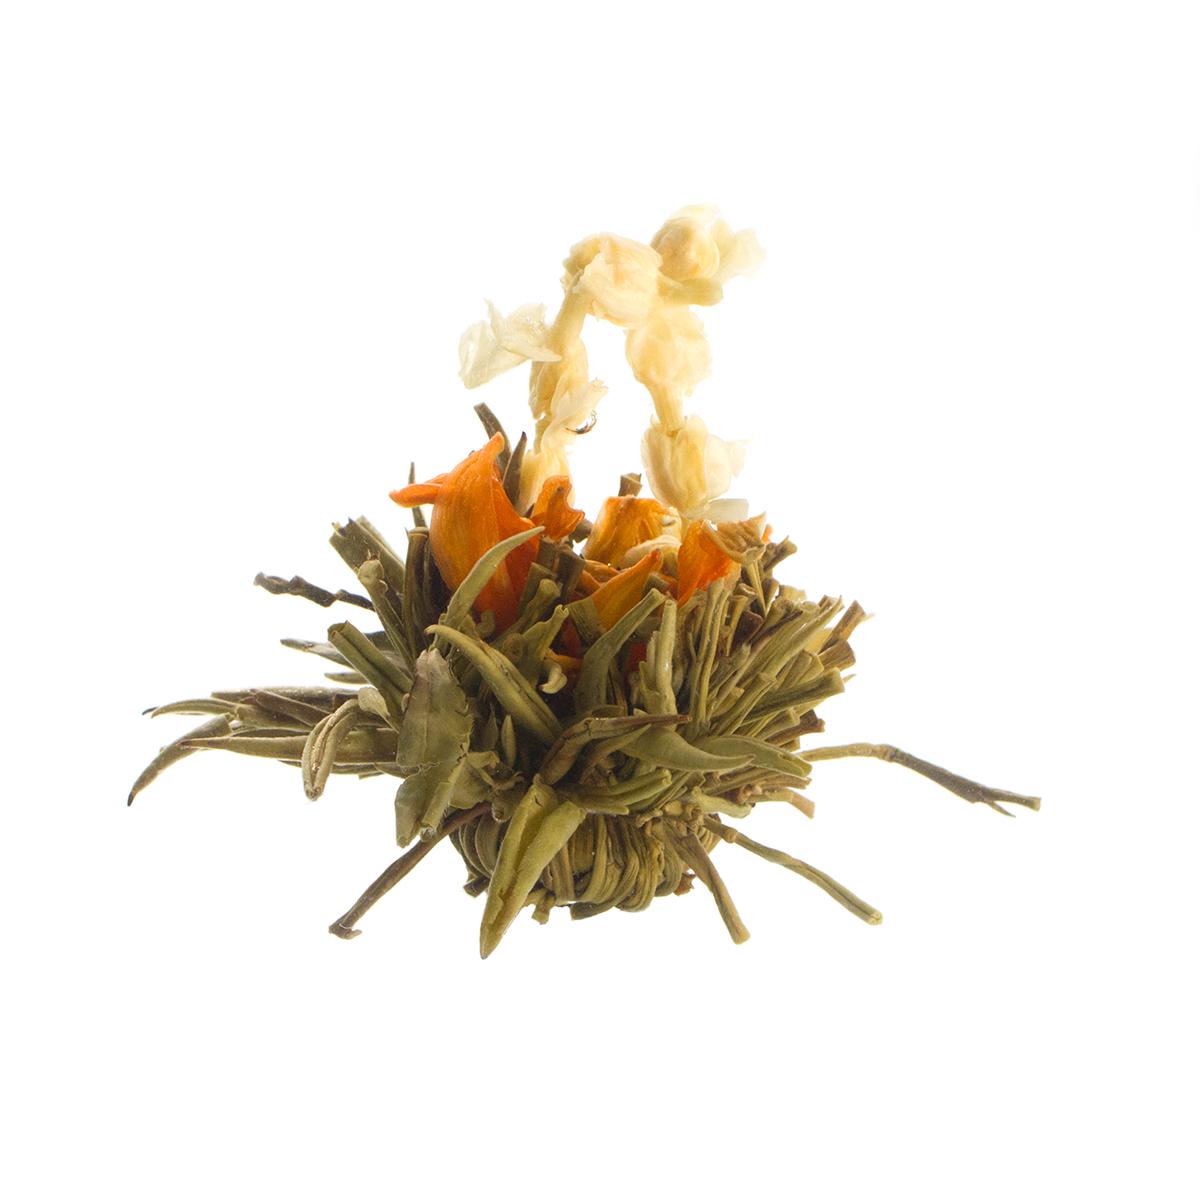 цена на Чай связанный Чхун Дянг Хуа Юэ (Цветок весенней реки), в уп. 5 шт.